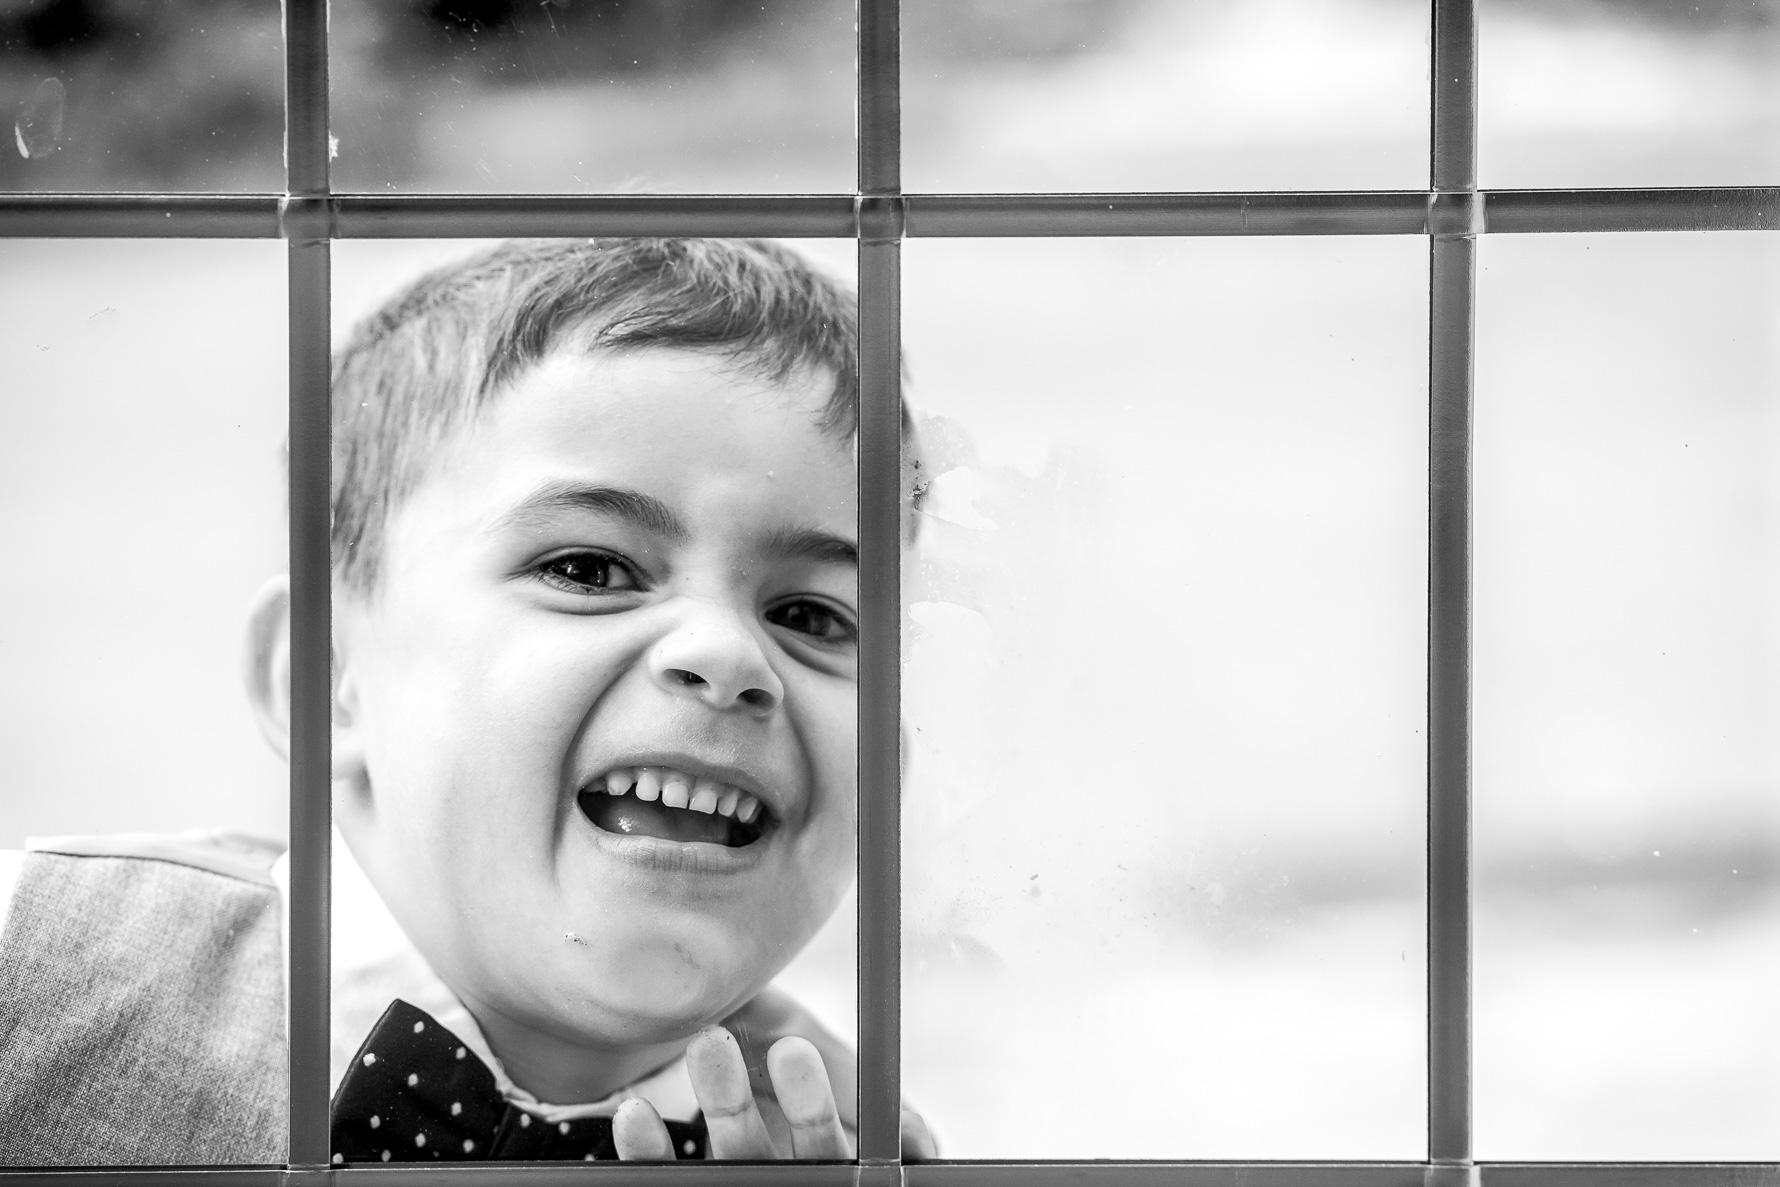 kid face in window